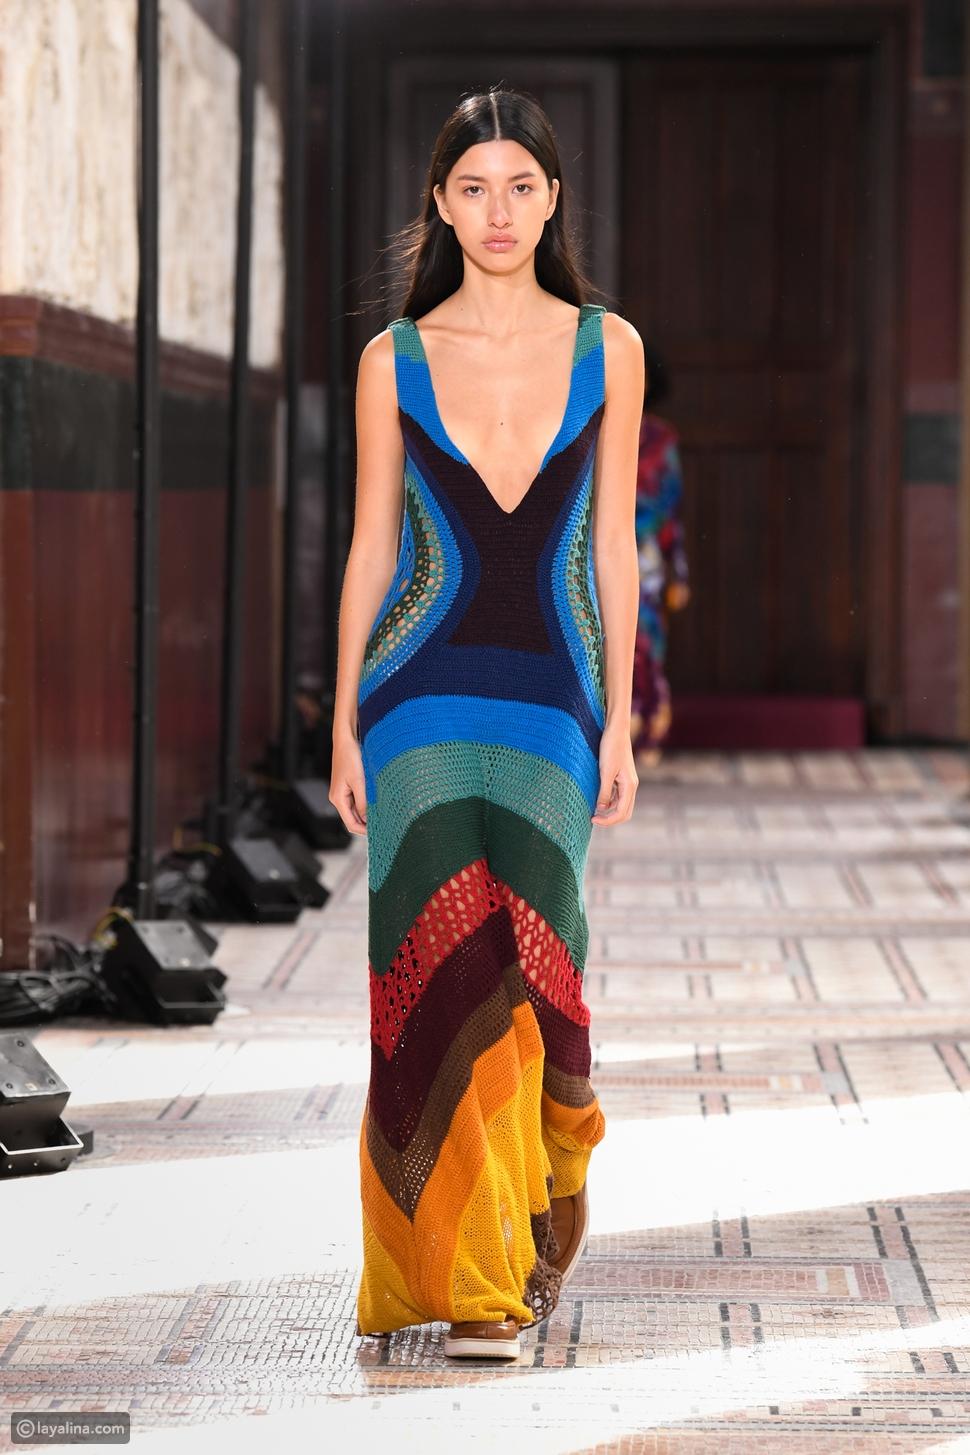 عرض غابرييلا هيرست باريس المحايد للكربون